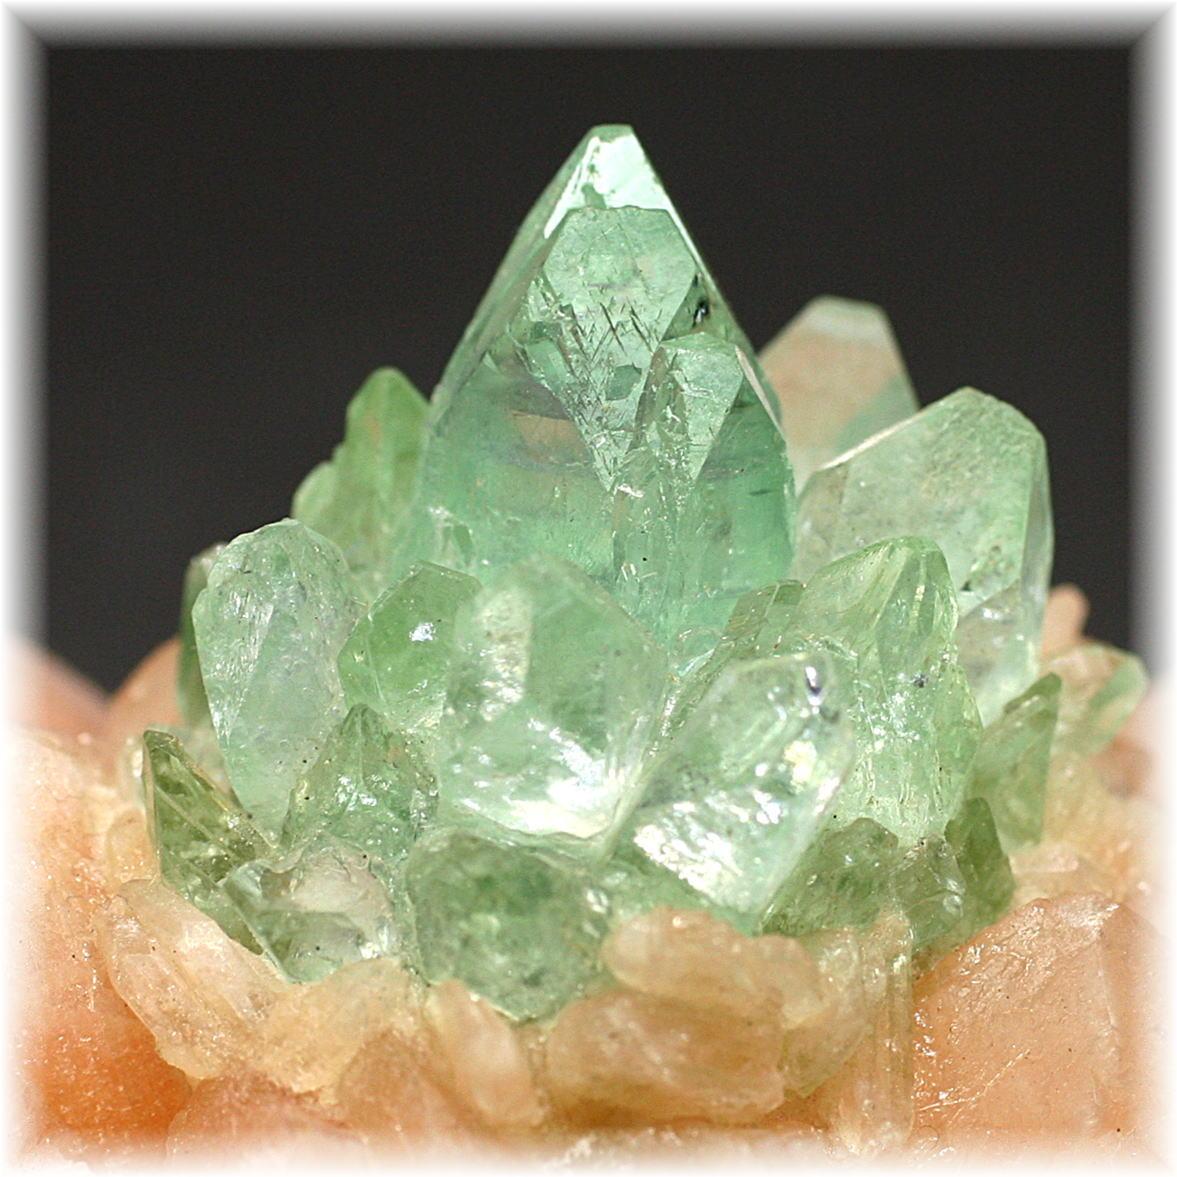 インド産 高品質フラワー・グリーンアポフィライト結晶石 [GAC-102]